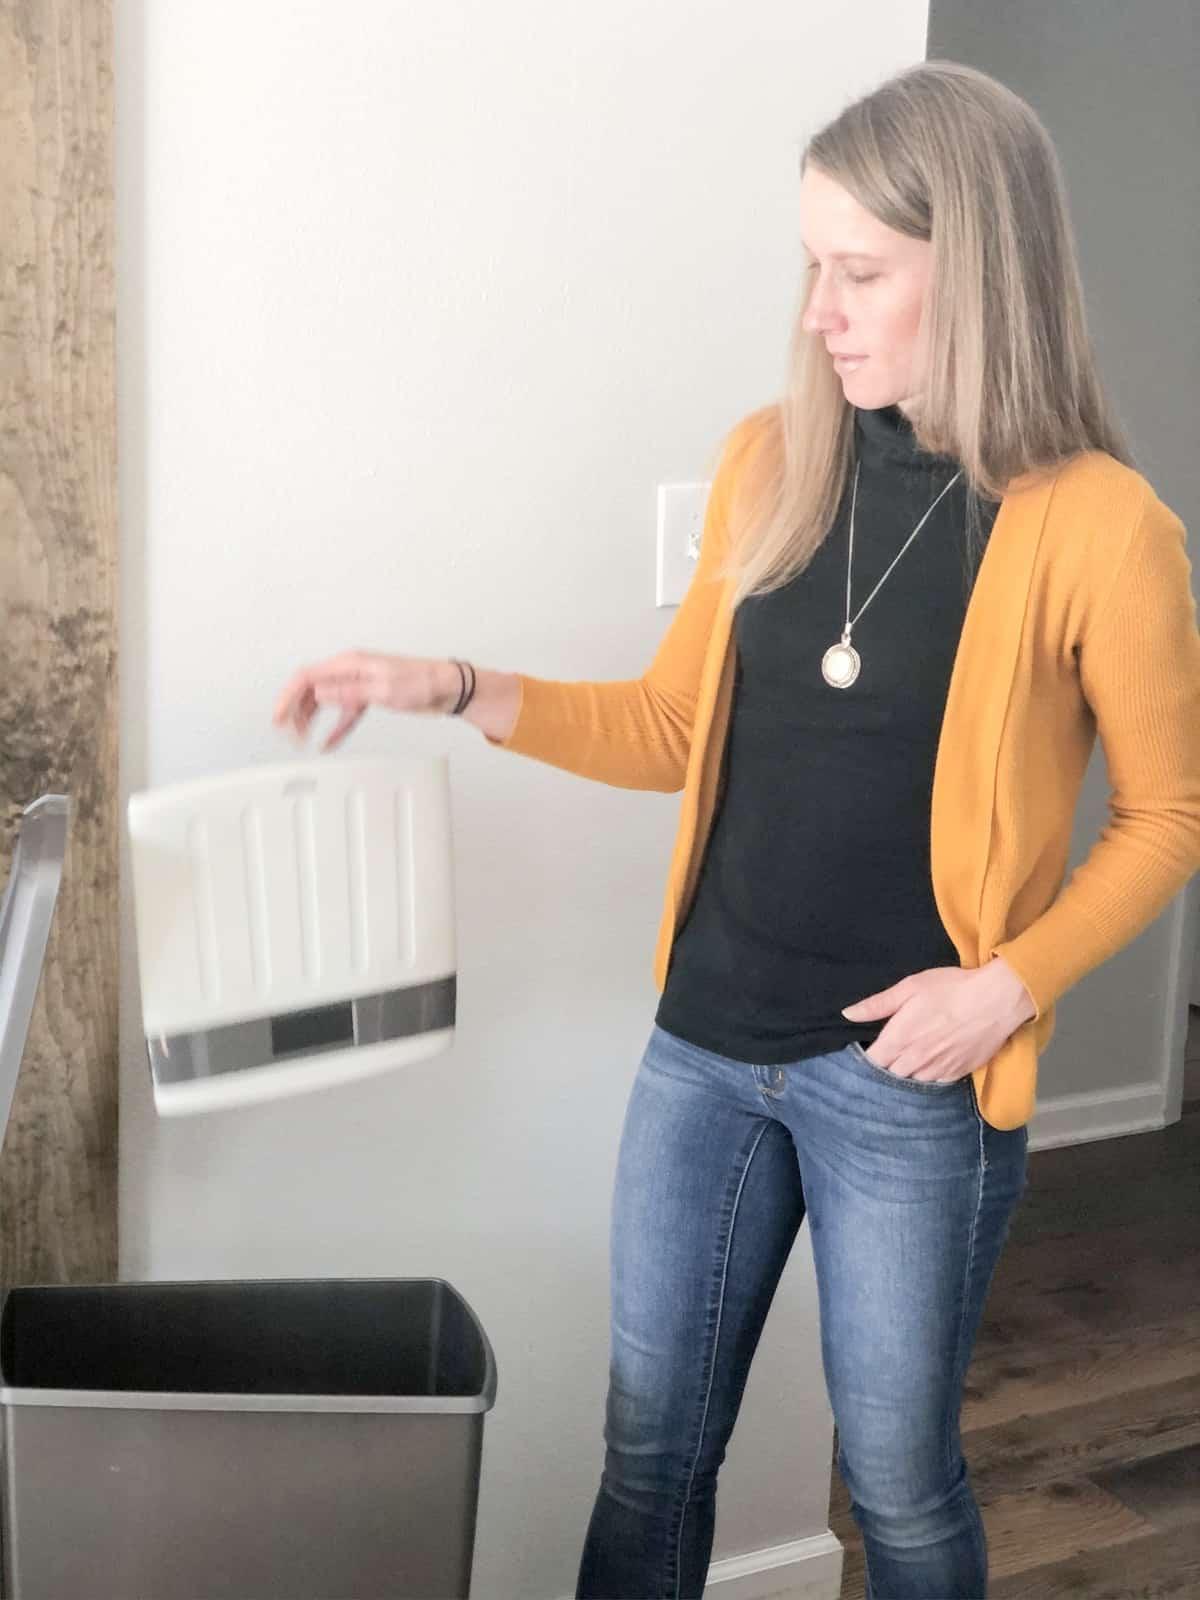 Lynn Stiff, of nutritionhealthlife.com, throwing away a scale.